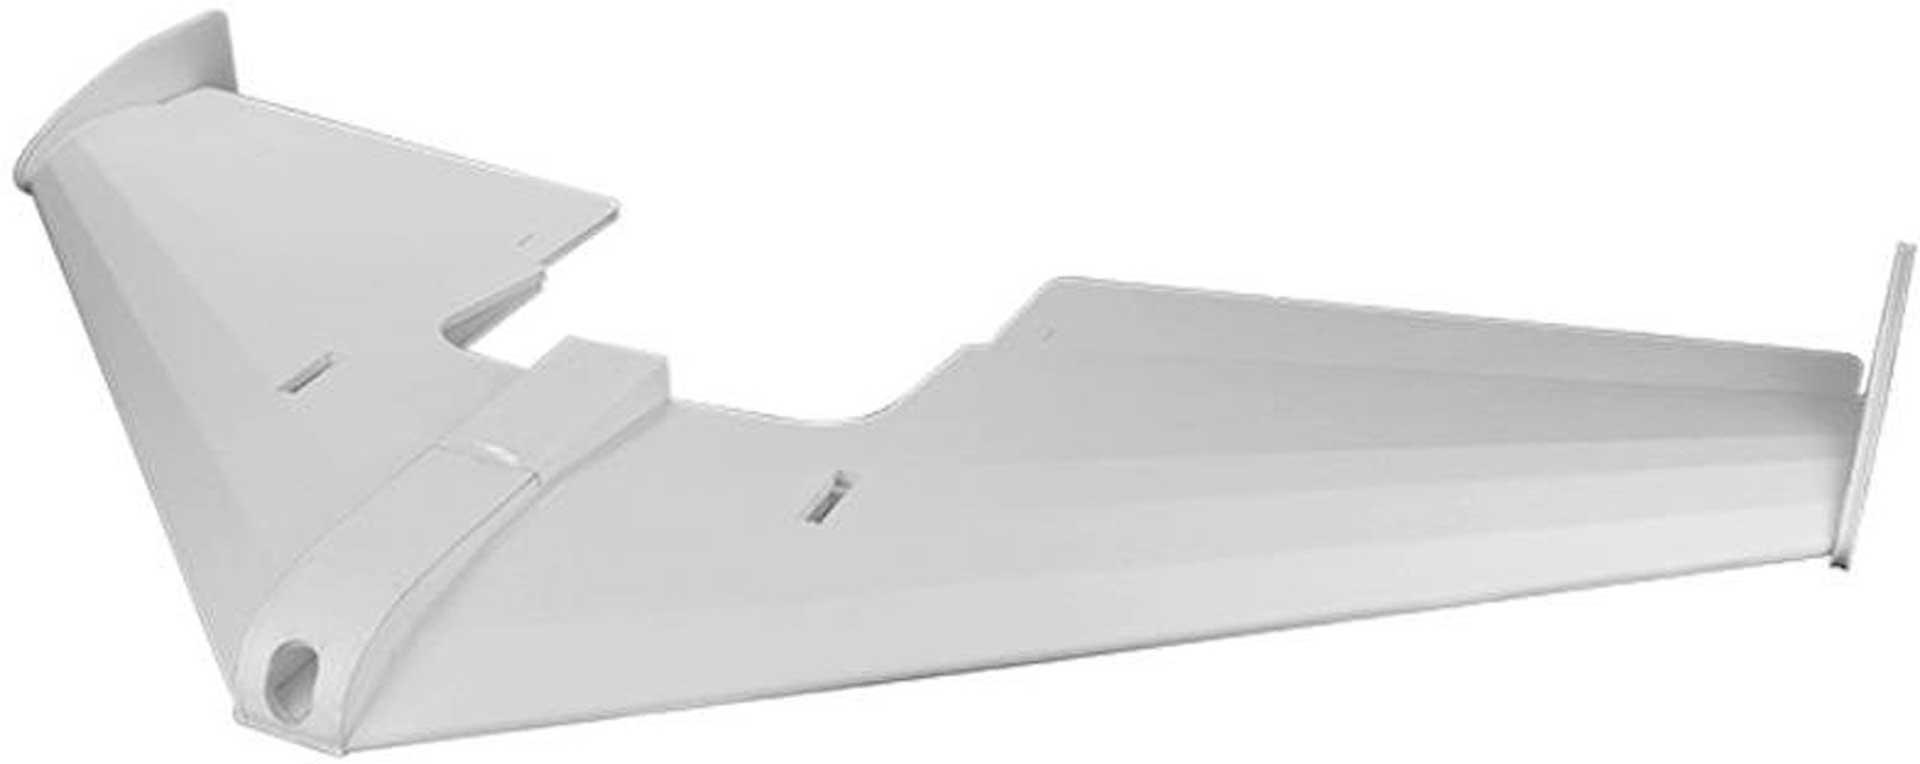 FLITE TEST Arrow Maker Foam